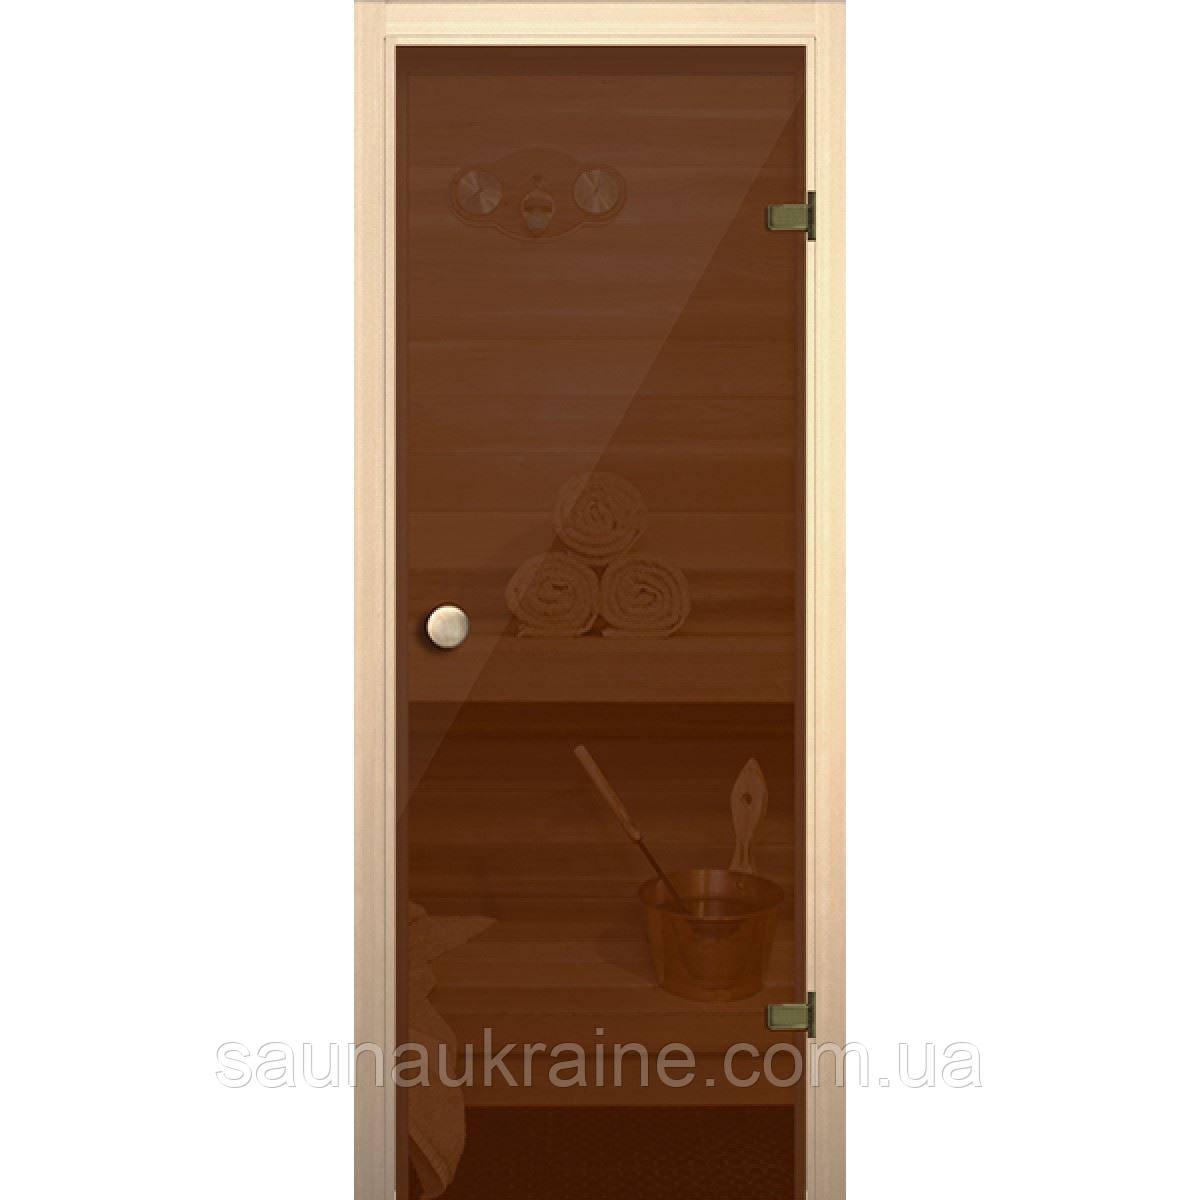 Двери для сауны бани ANDRES